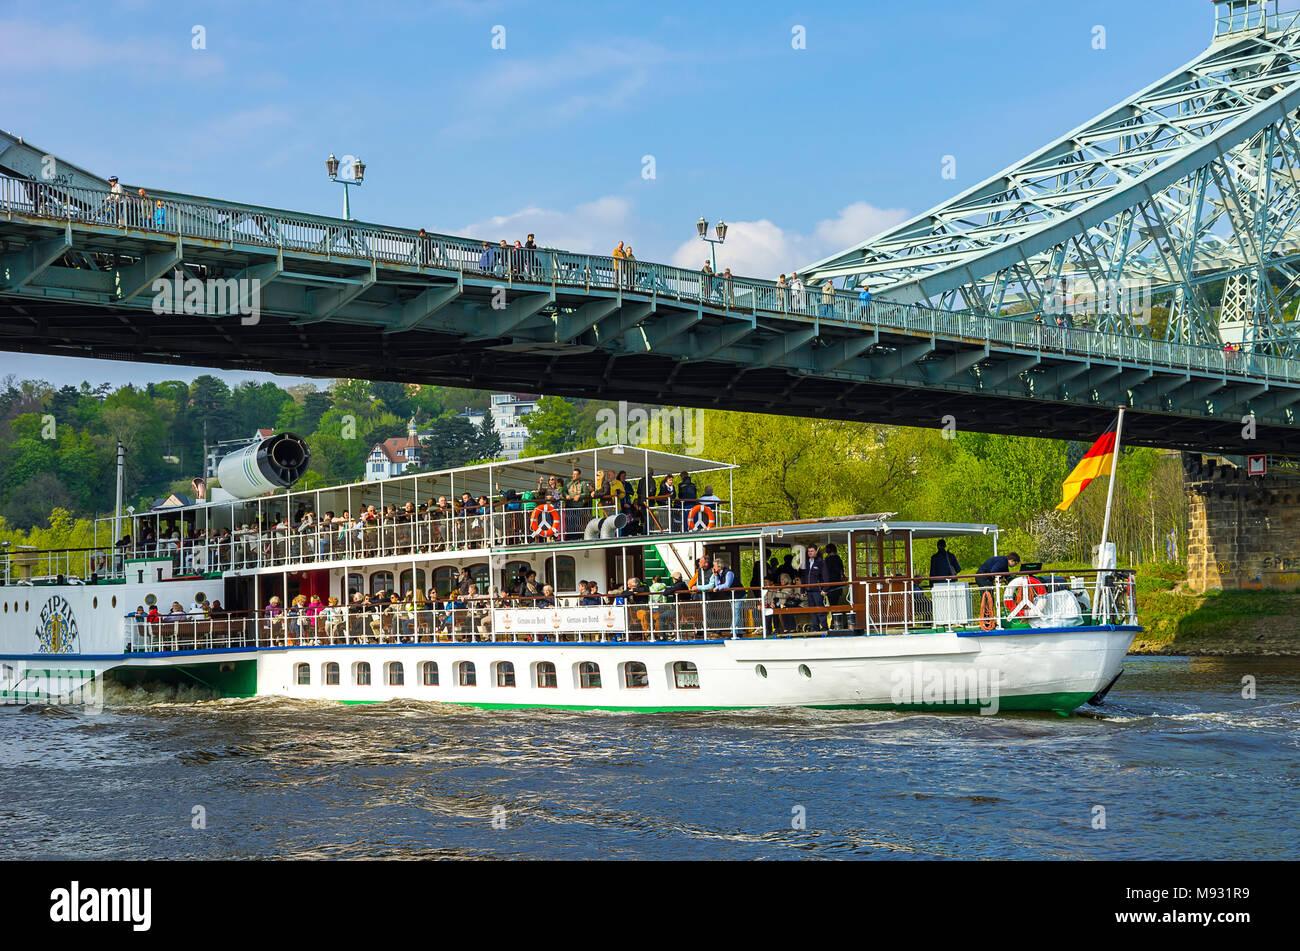 Der historische Raddampfer PD LEIPZIG verläuft unter der Brücke Blaues Wunder im Stadtteil Blasewitz, Dresden, Sachsen, Deutschland. Stockbild